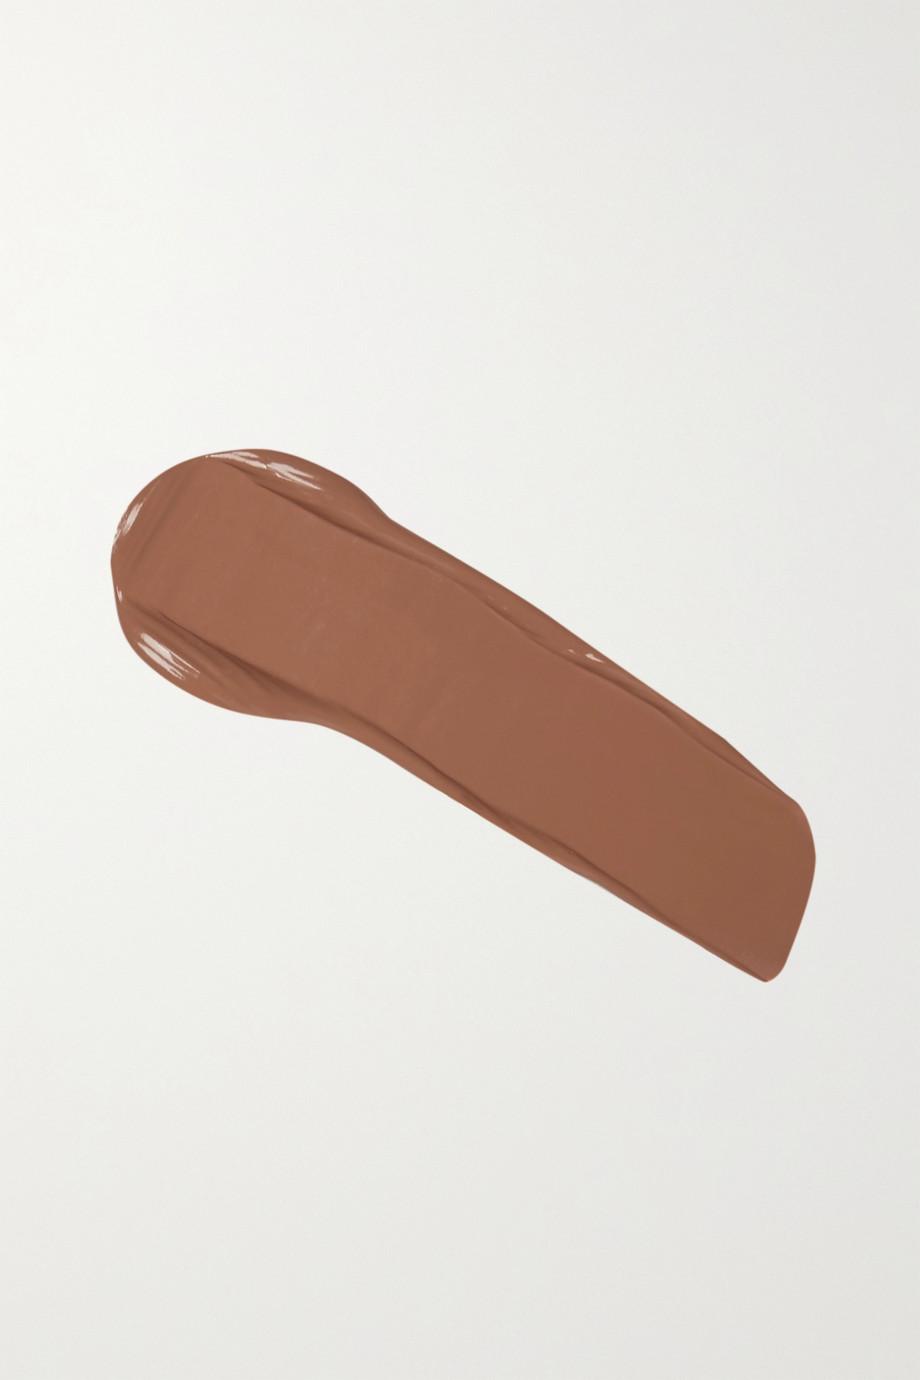 Ilia True Skin Serum Concealer - Bayberry SC5, 5ml